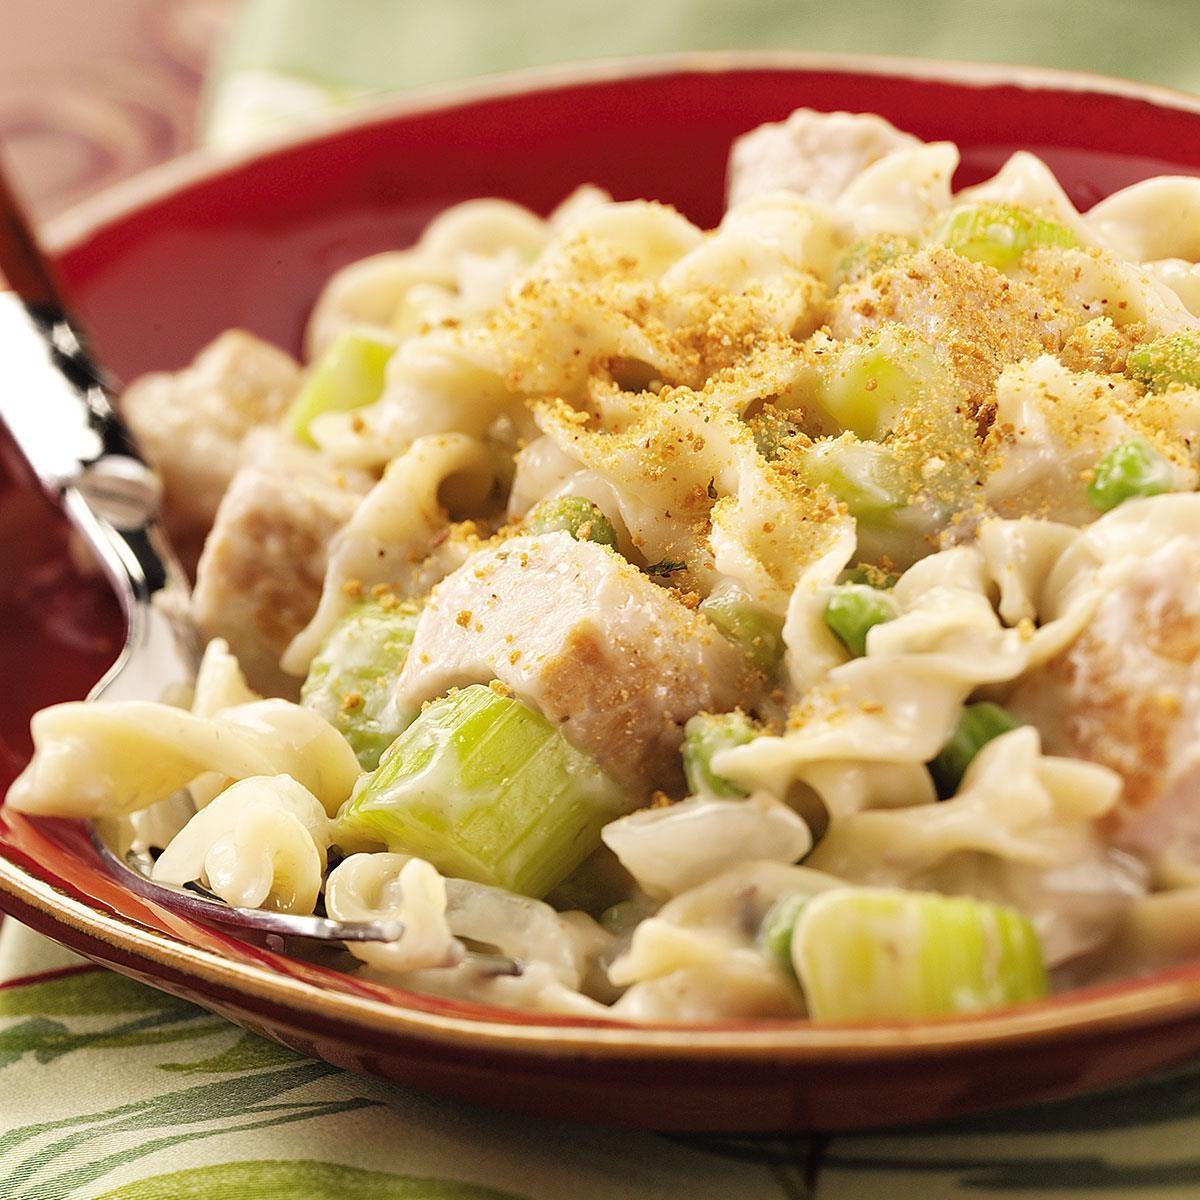 potluck casserole recipe taste of home - Halloween Casserole Recipe Ideas